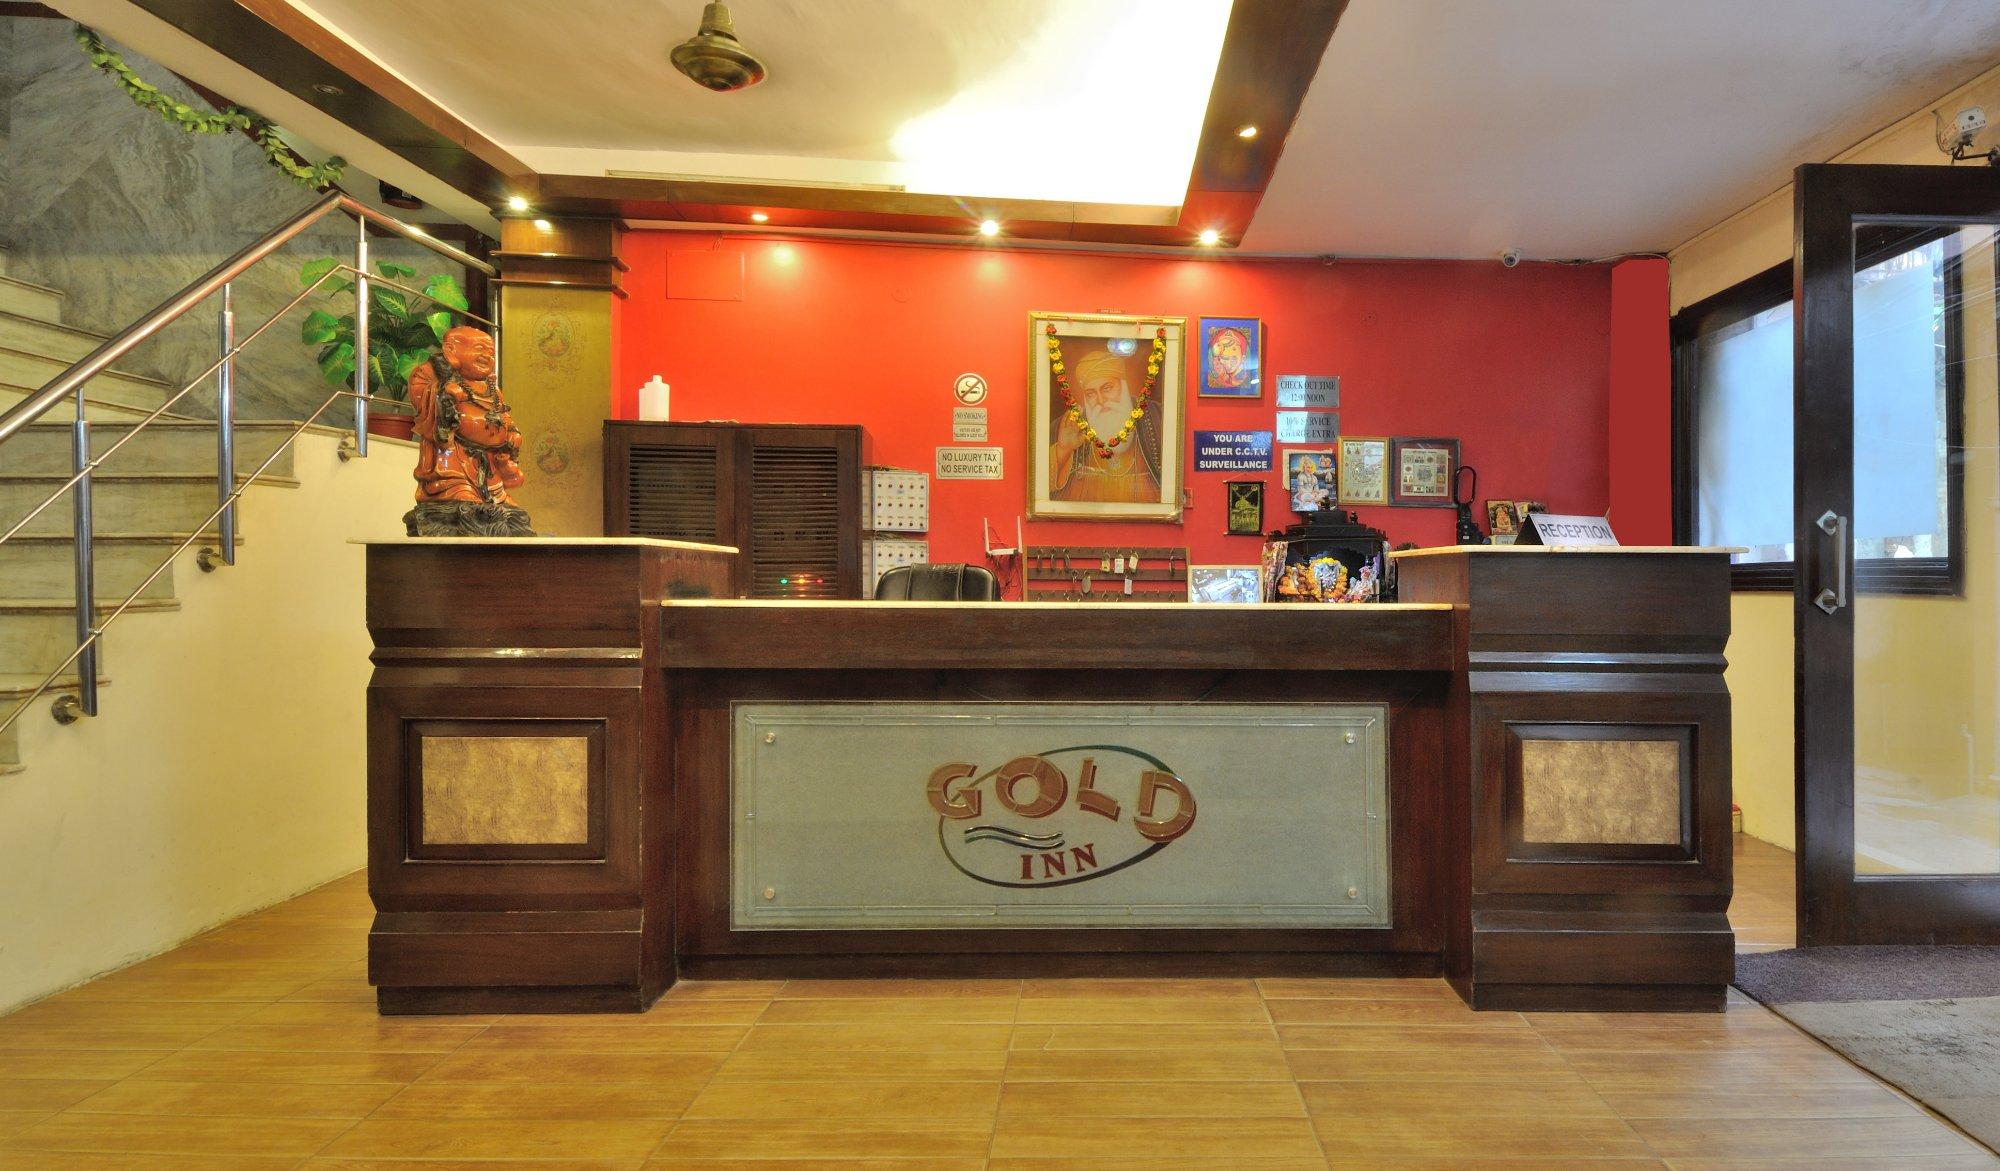 Hotel Gold Inn